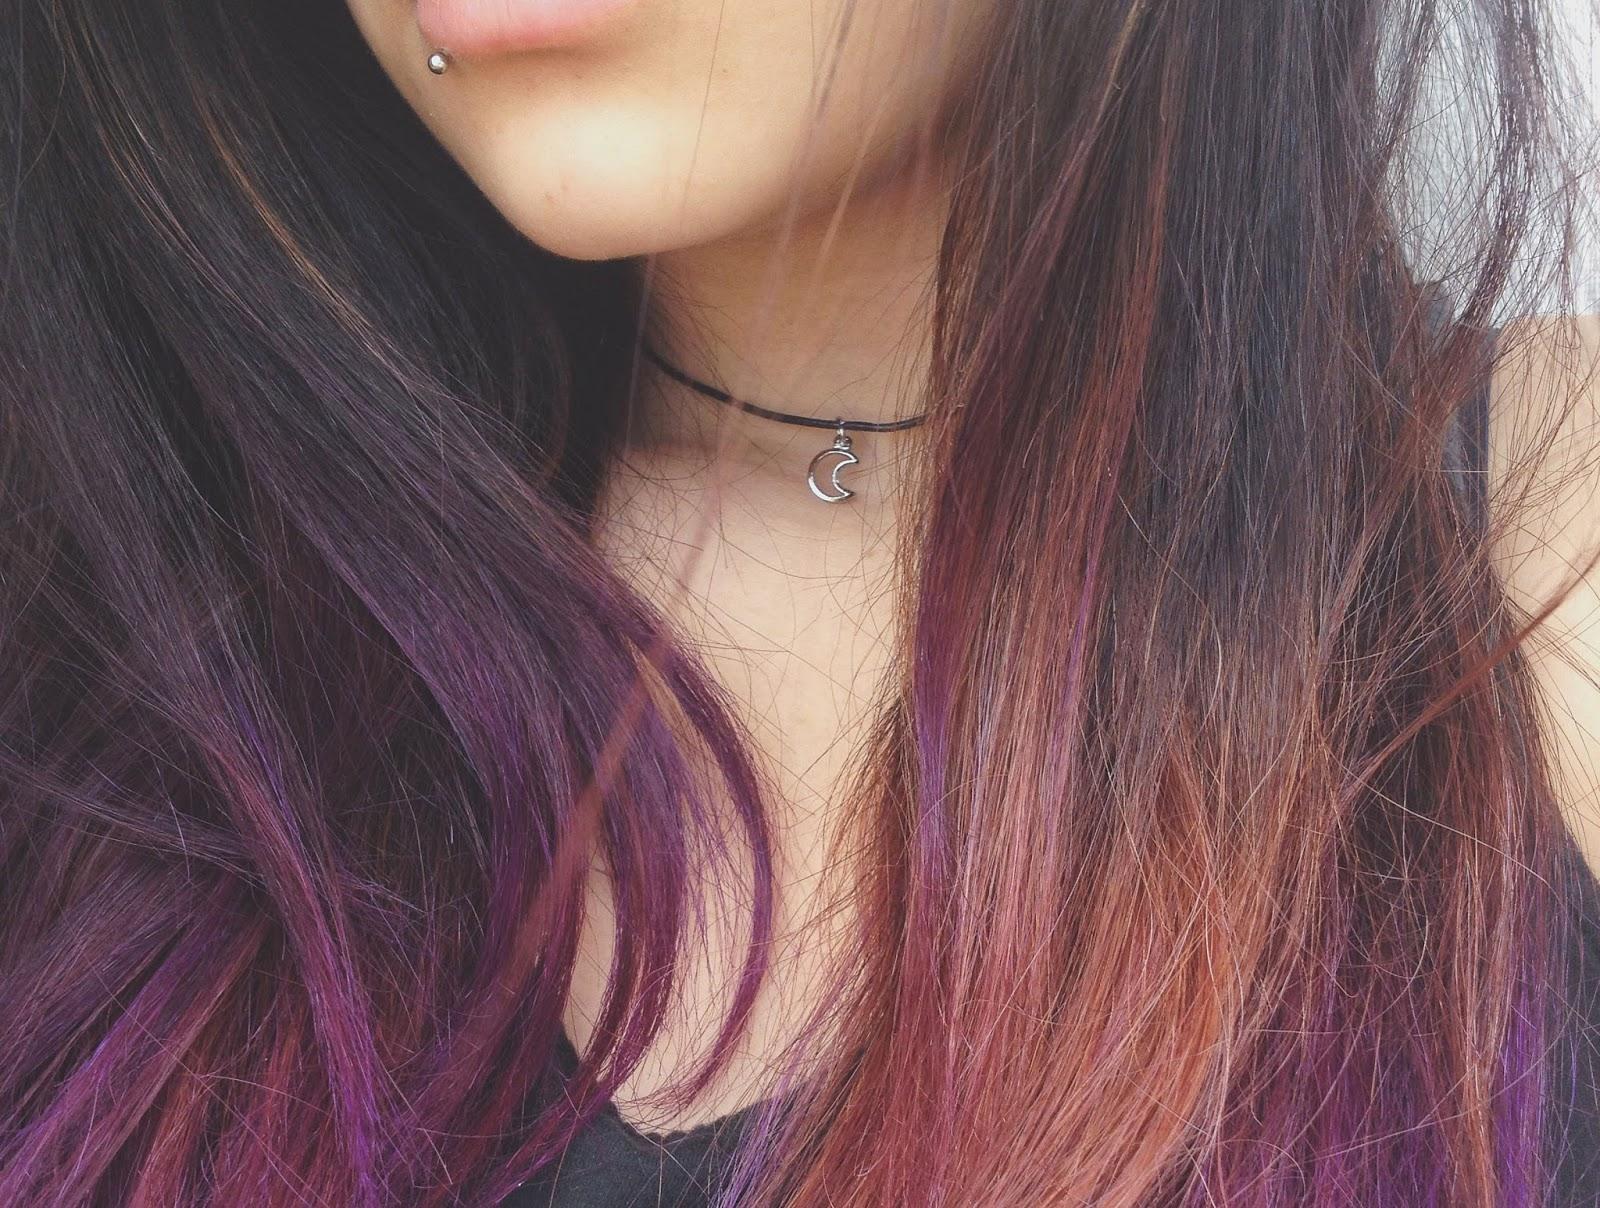 Populares Moonlight: Pintando o cabelo com Violeta Genciana SQ39